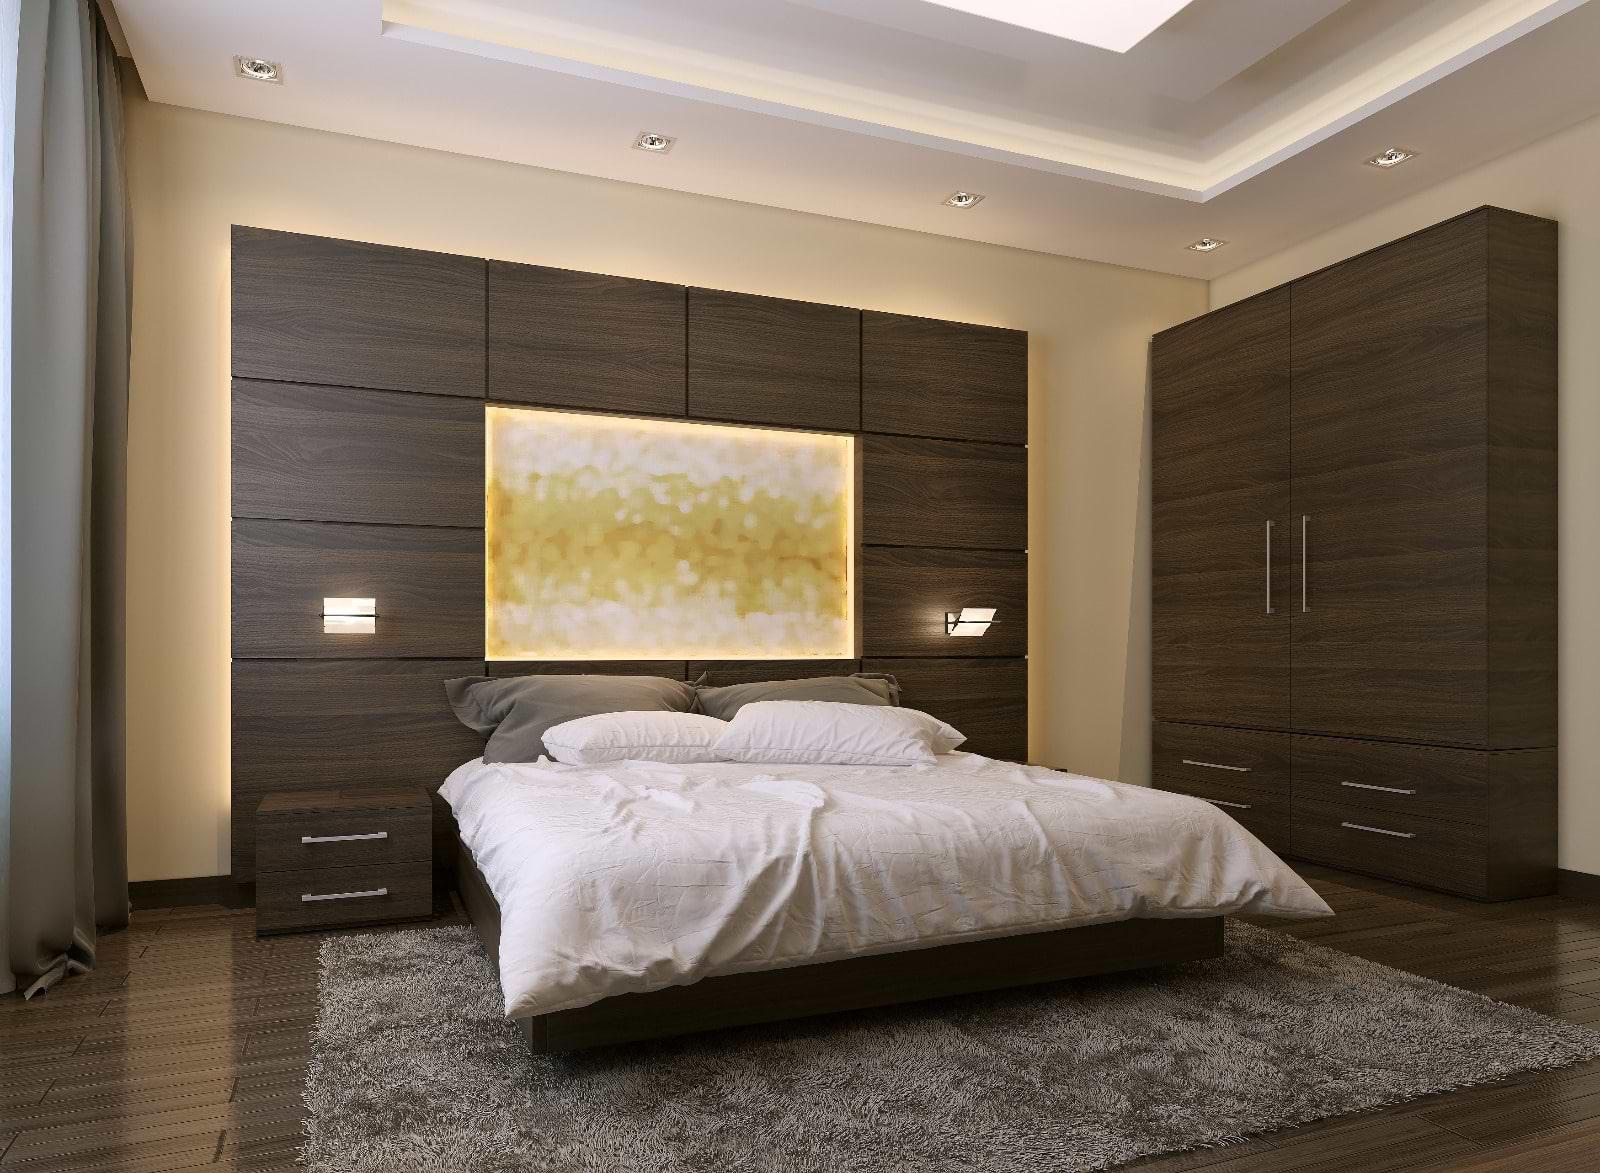 תמונת אוירה חדר שינה ארונות חומים